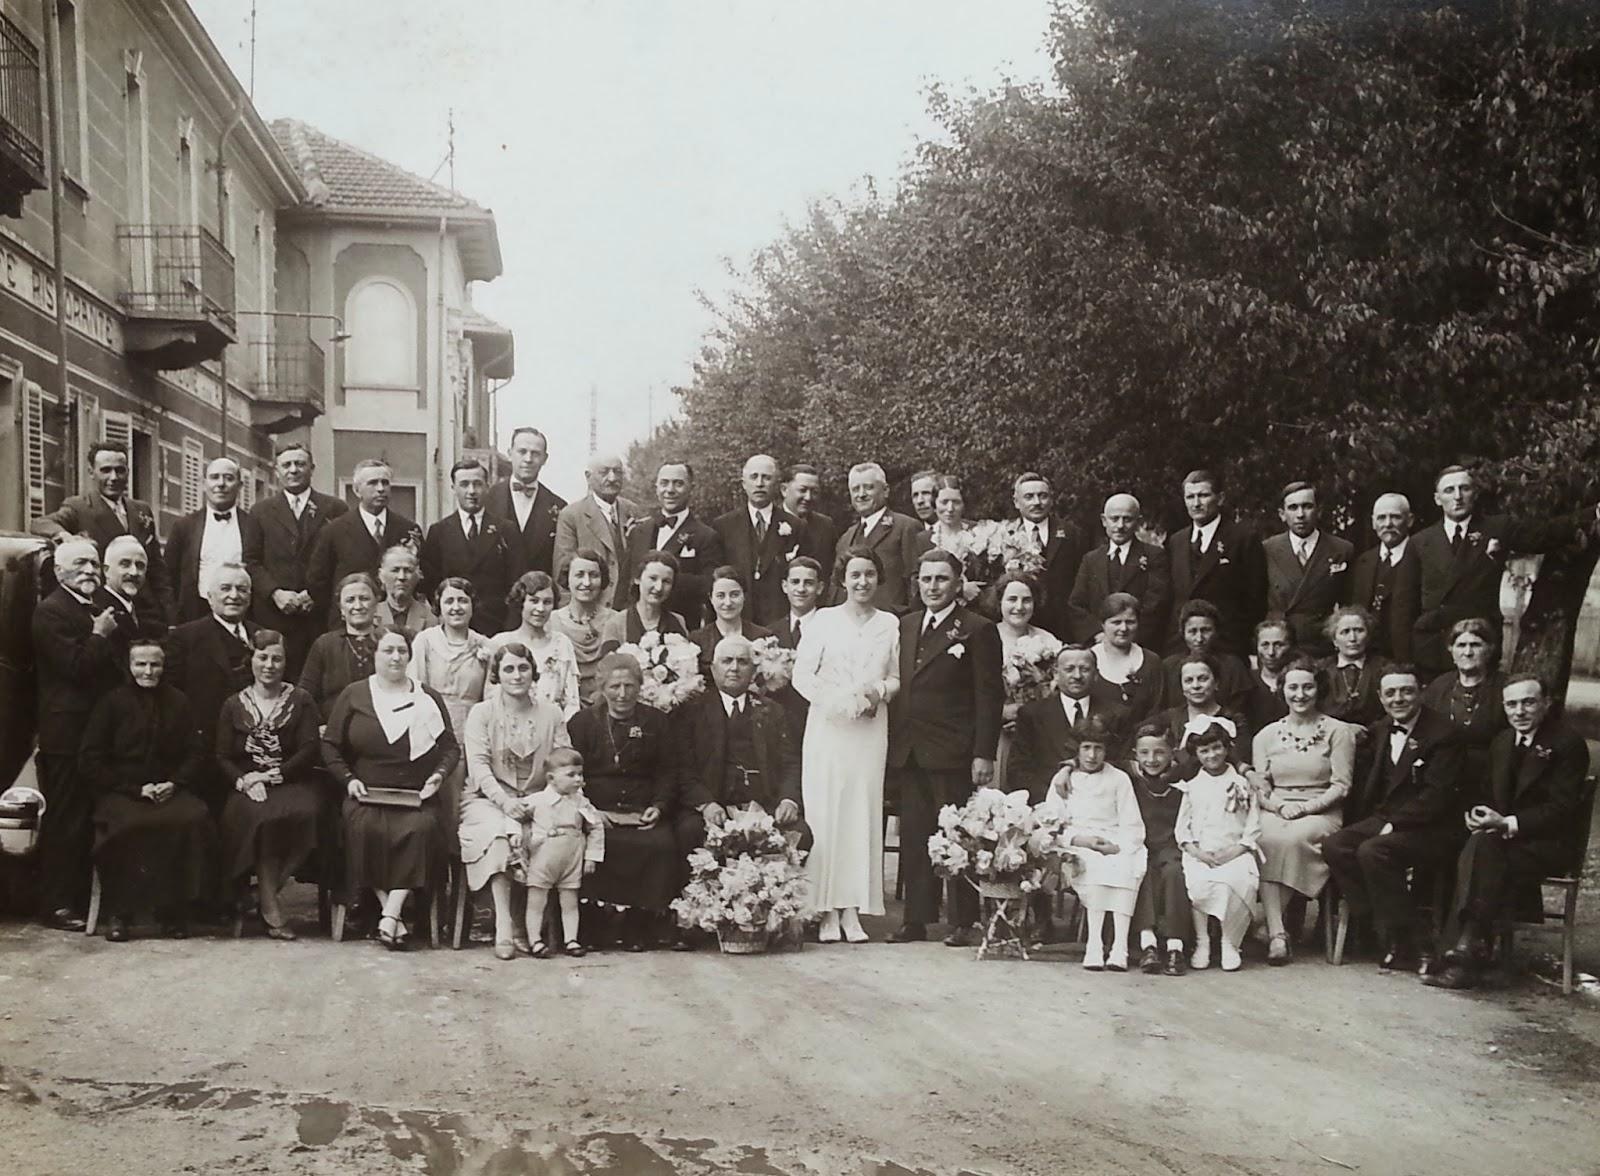 gruppo persone anni 30